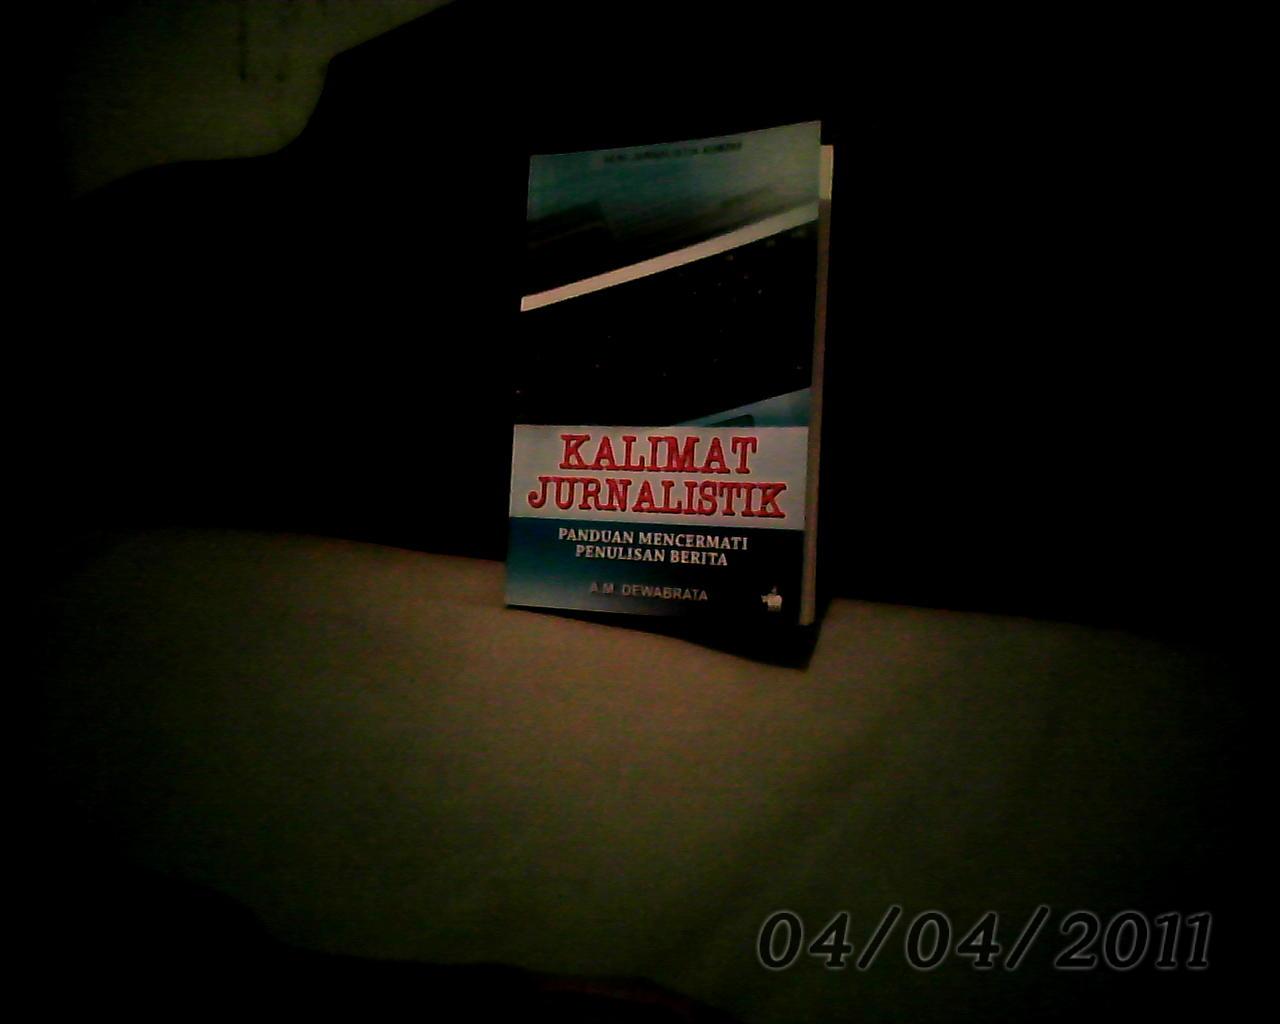 Resensi Buku Kalimat Jurnalistik